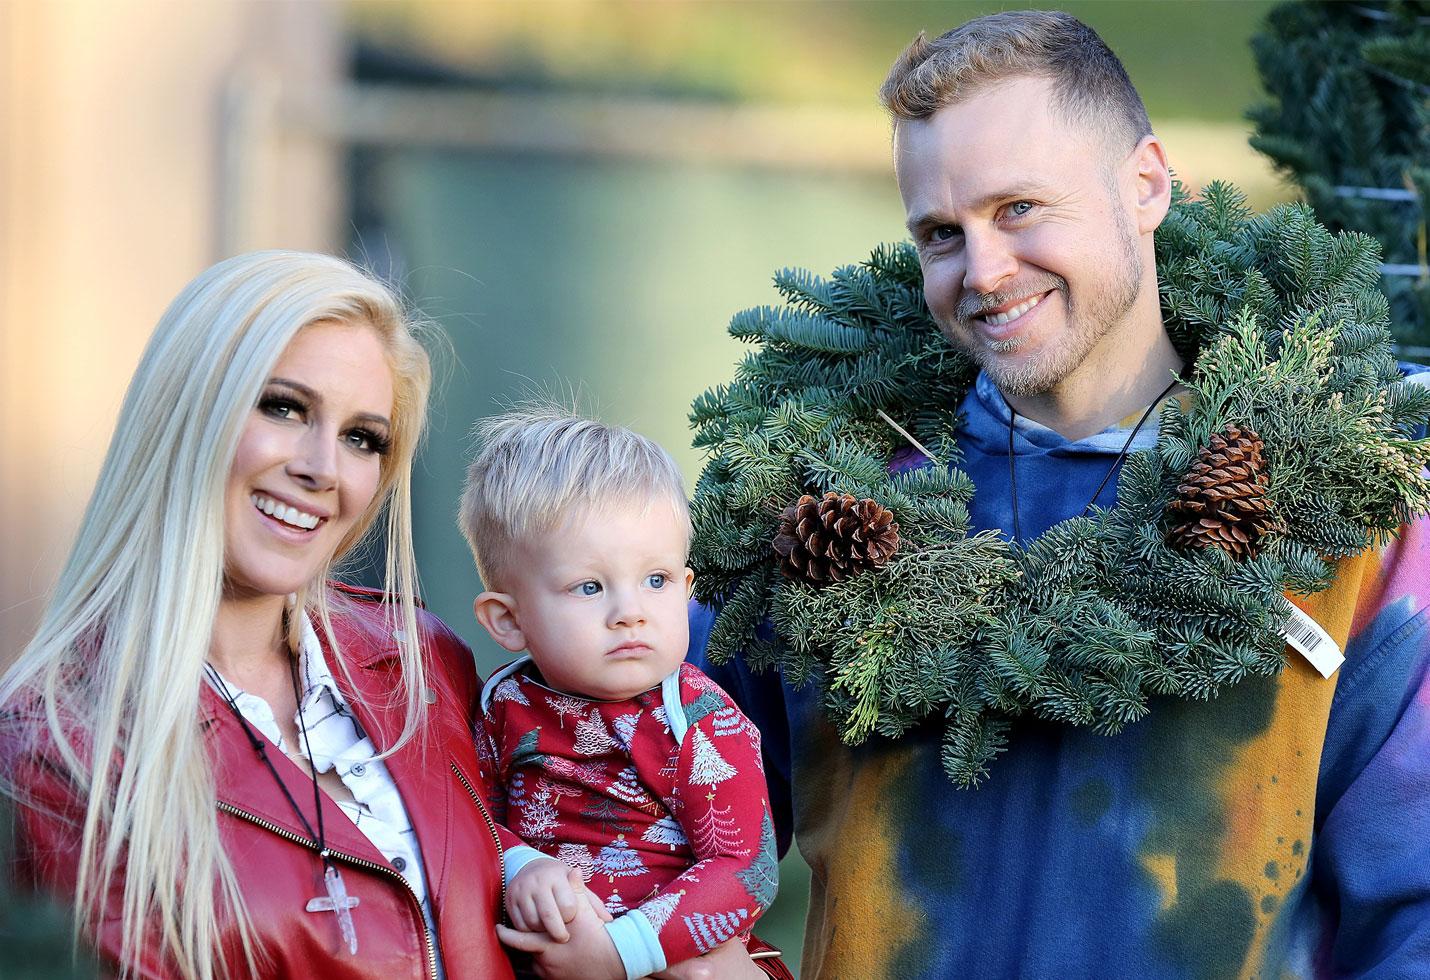 Heidi spencer pratt baby gunner christmas the hills